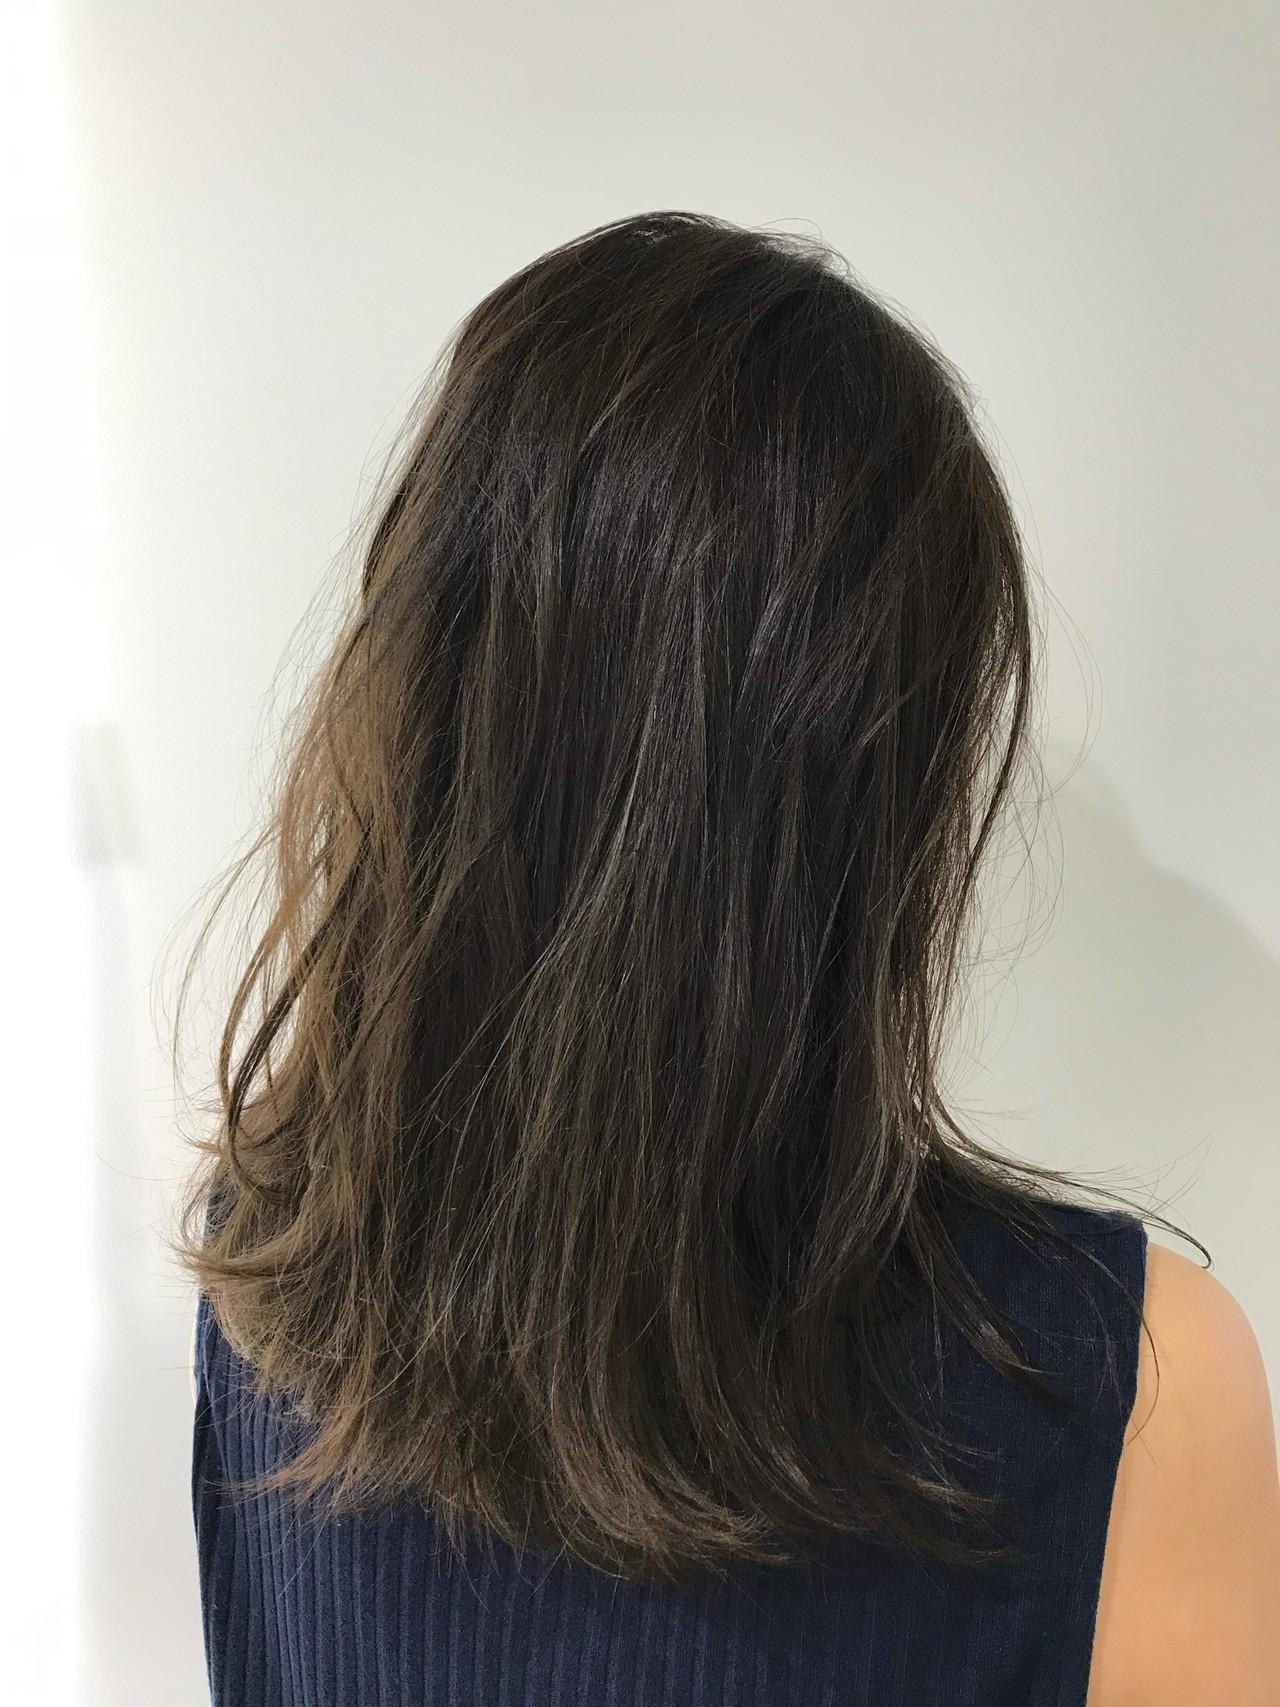 セミロング 透明感カラー グレージュ 個性的 ヘアスタイルや髪型の写真・画像